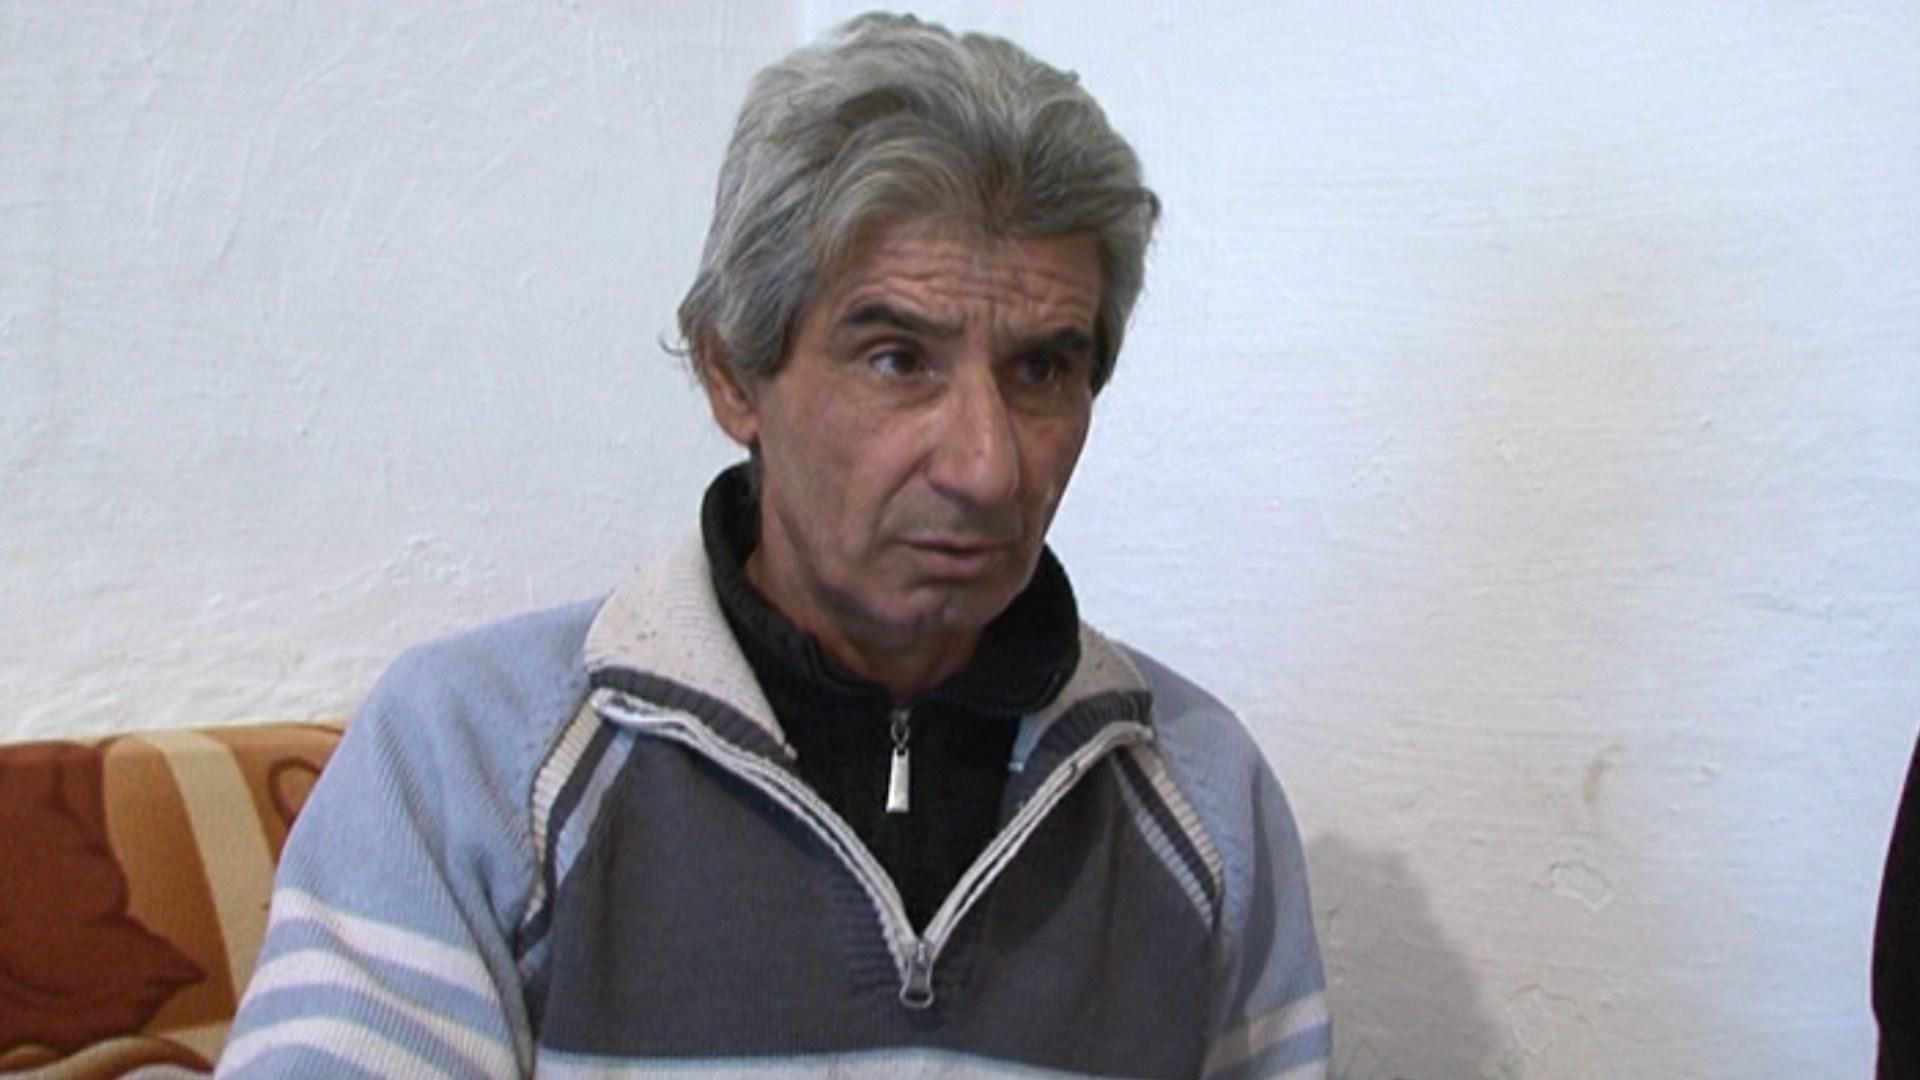 Korçë/ Vdekja e Enea Ftoit, familjarët prova të reja në Prokurori